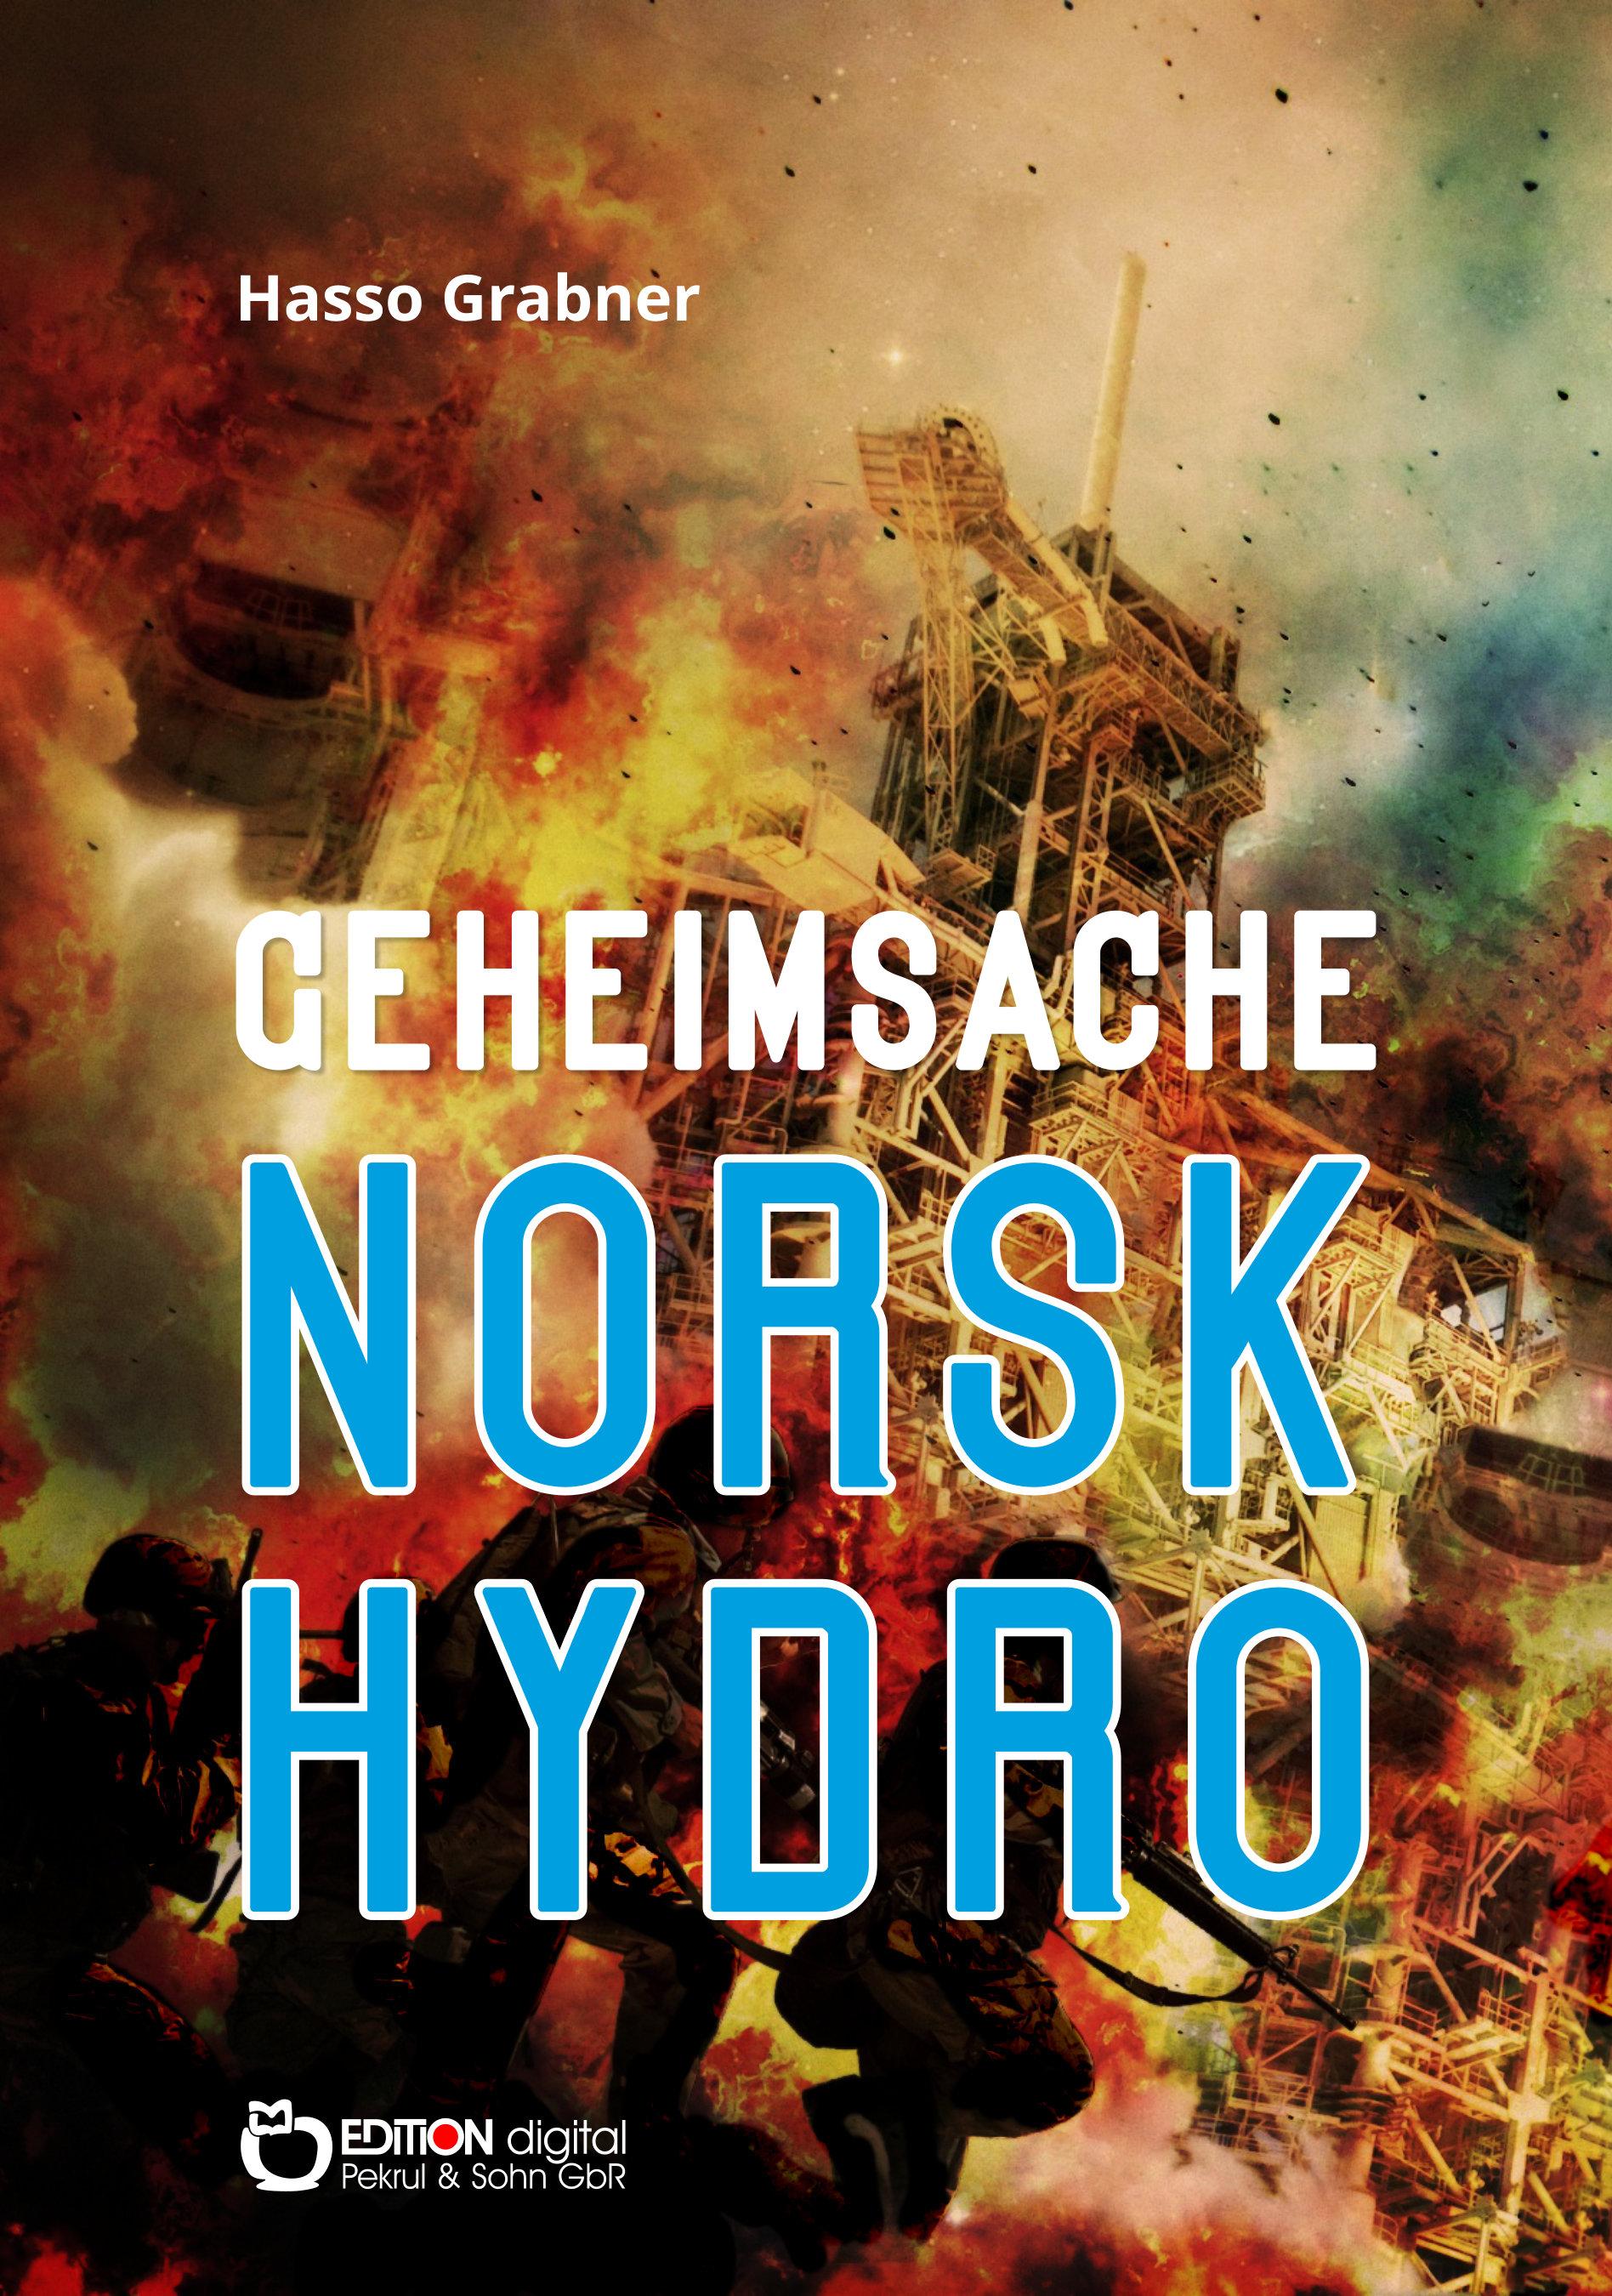 Geheimsache Norsk Hydro. Roman von Hasso Grabner